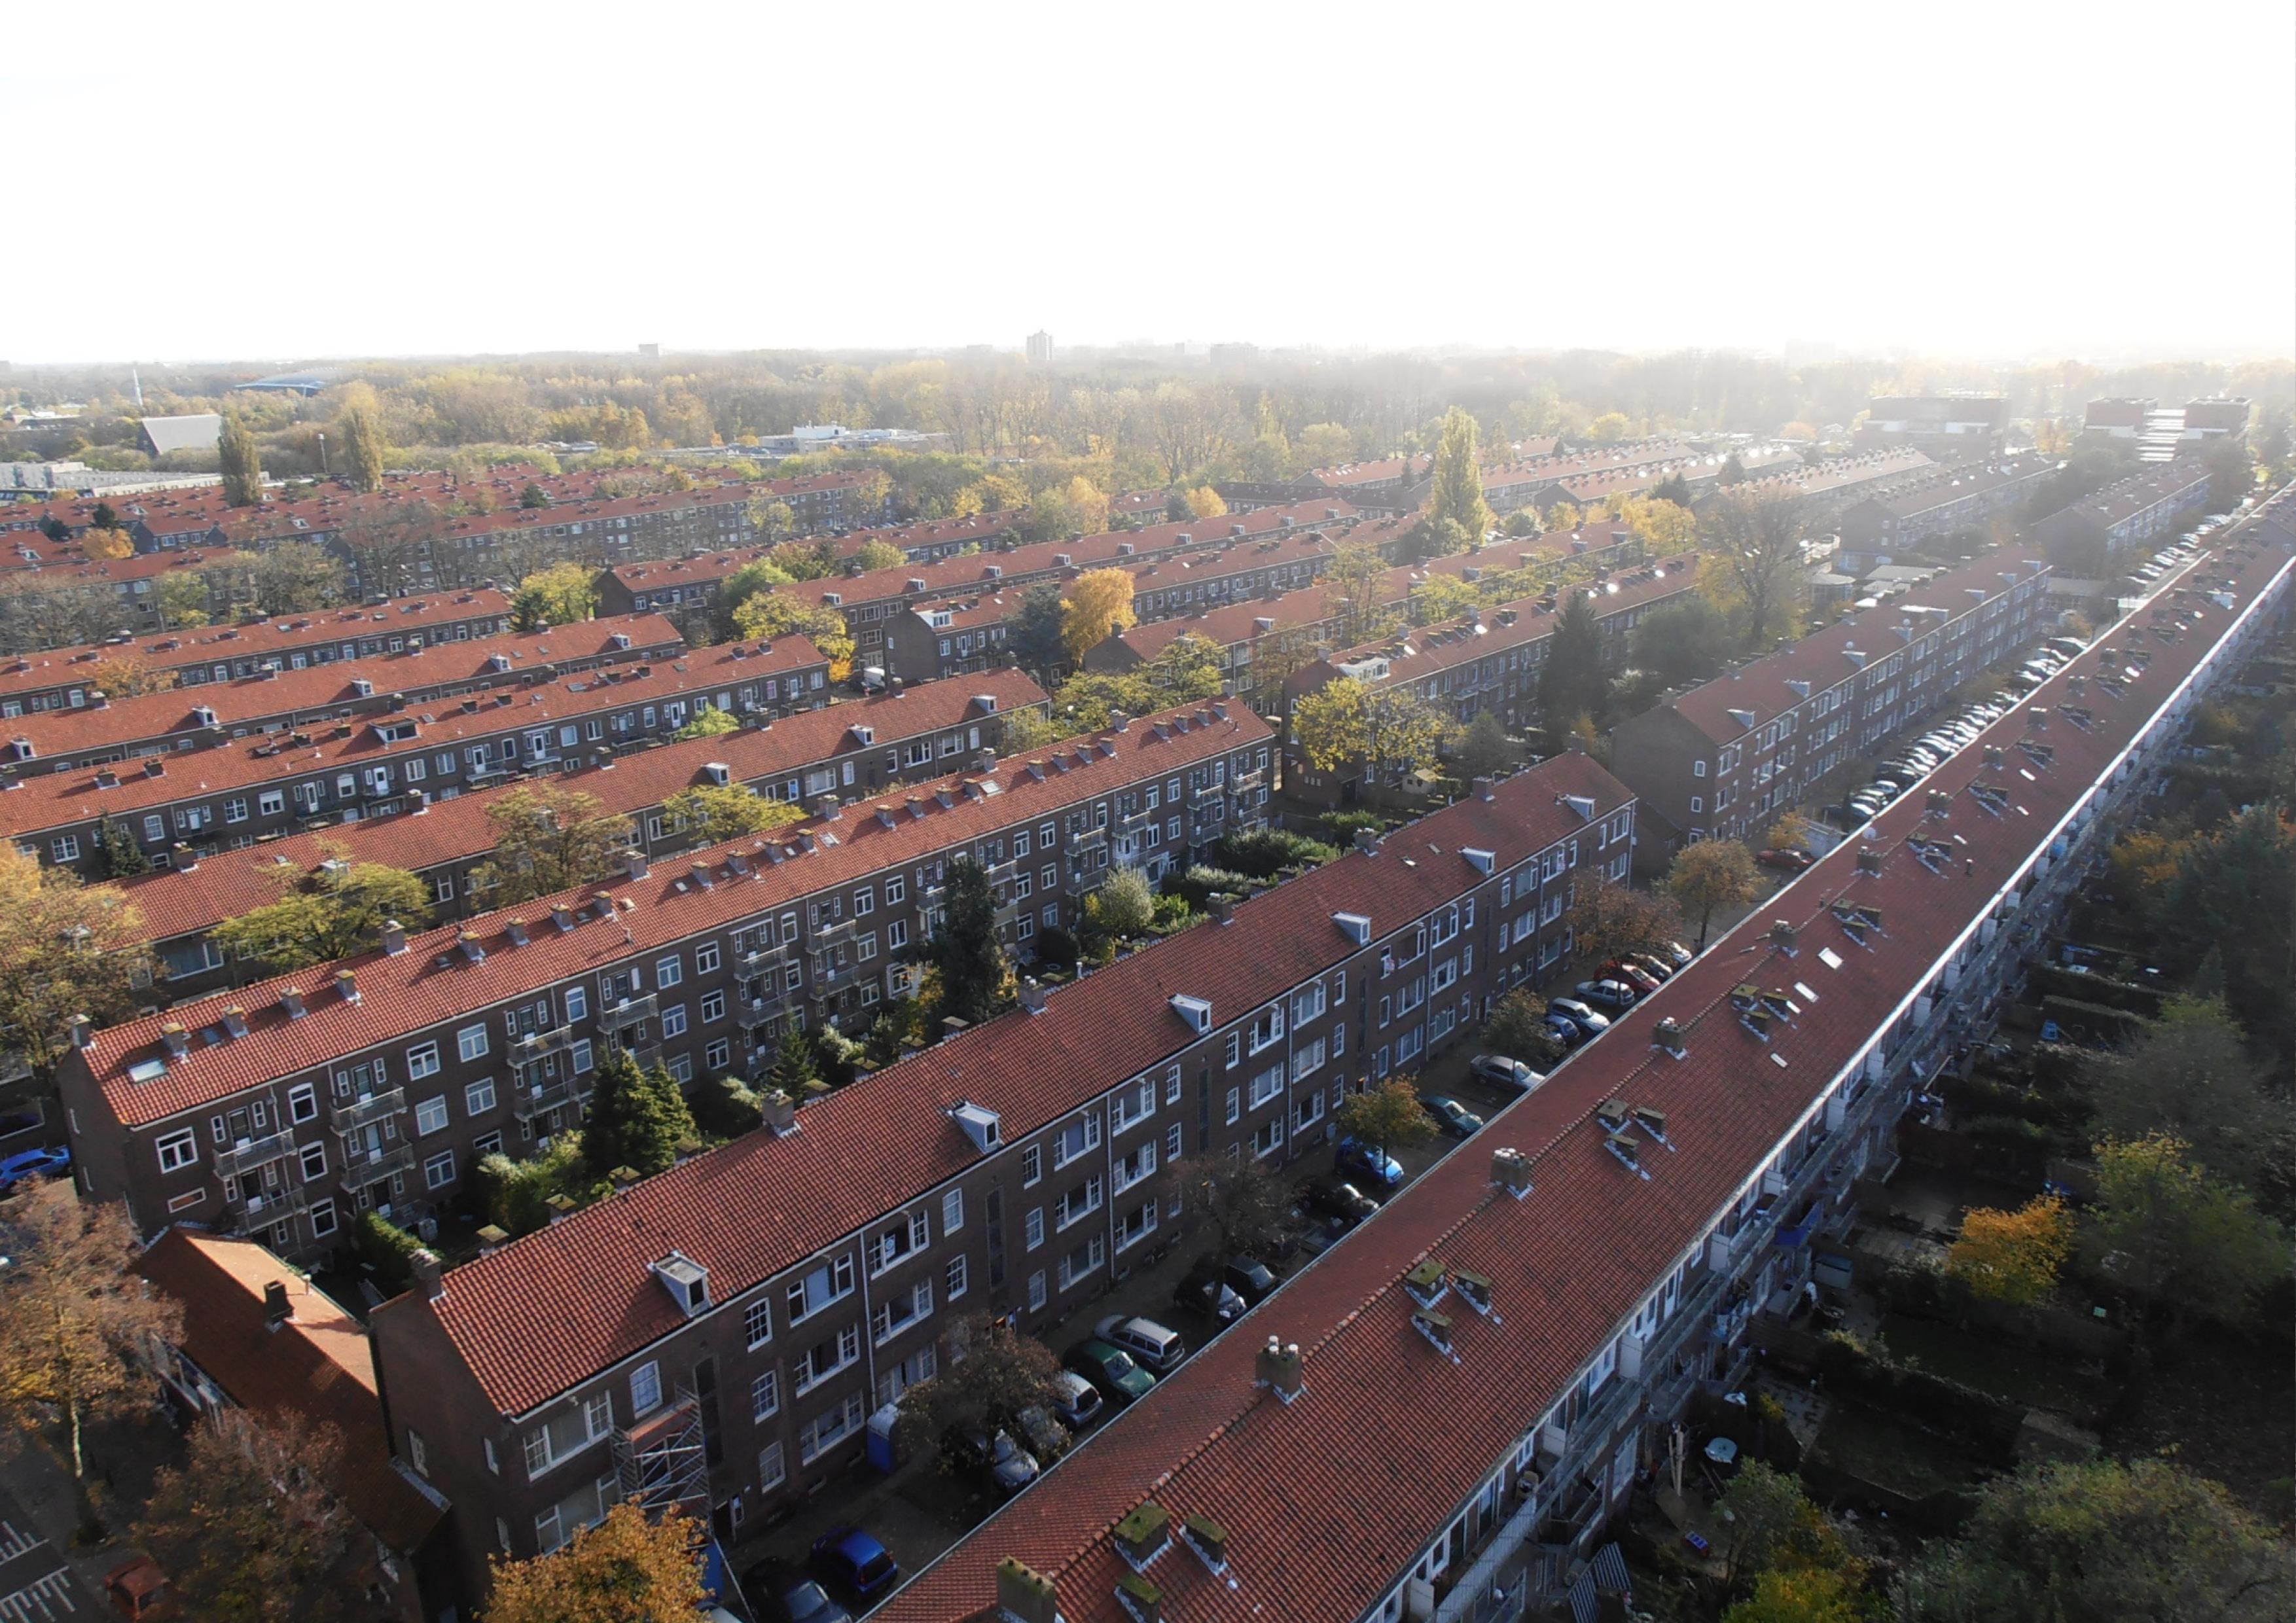 <p>wijk luchtfoto &#8211; carnisse, rotterdam</p>